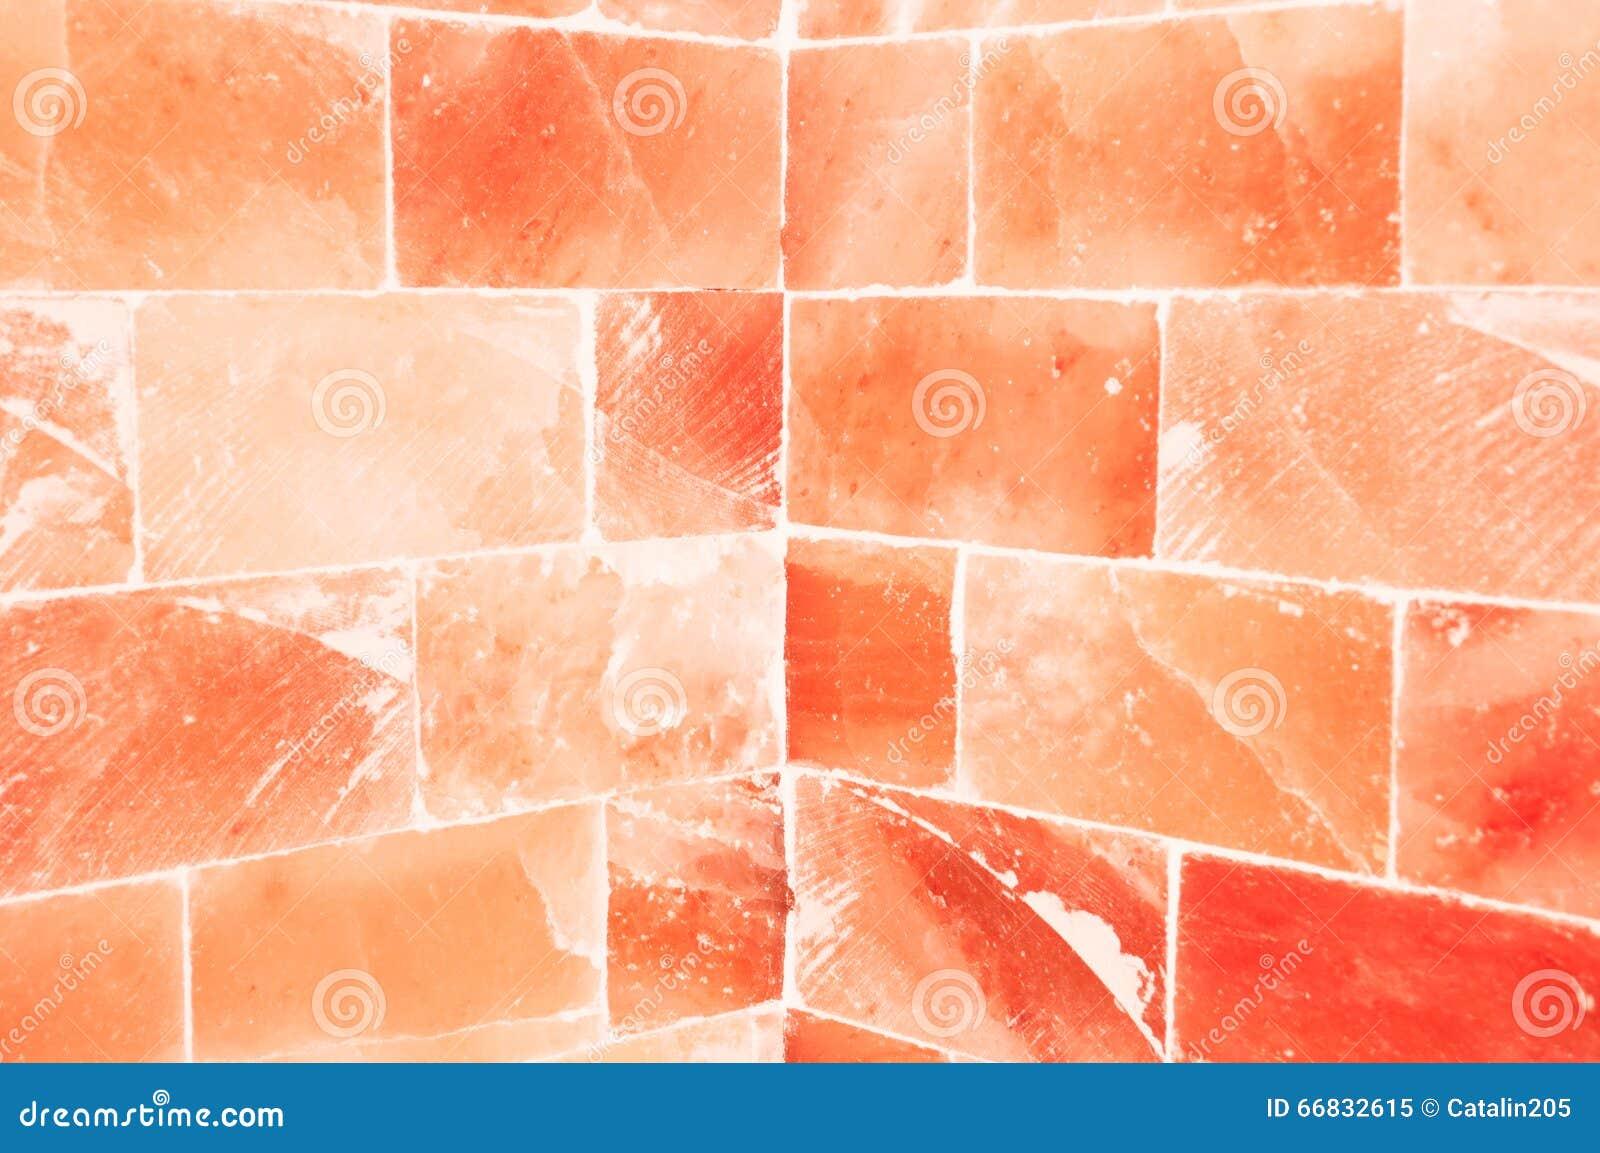 Close-up van oranje zoute muur binnen saunaruimte